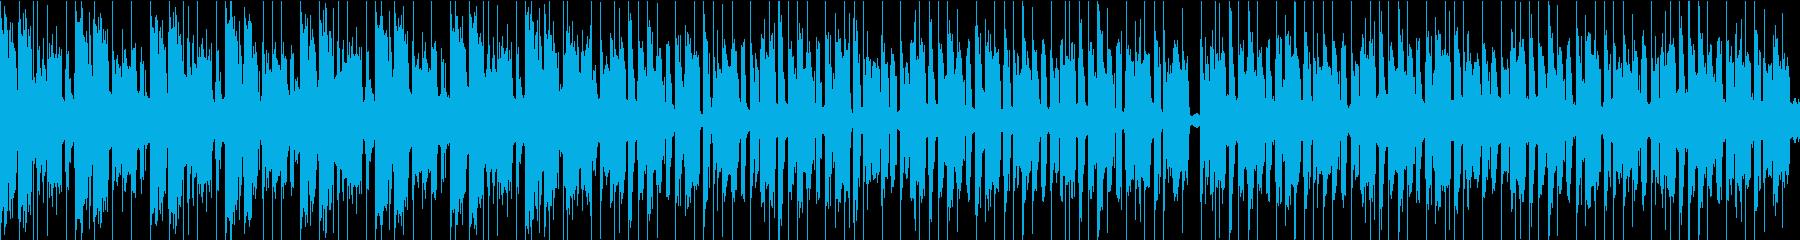 おまぬけコミカル/ループ/イントロ16秒の再生済みの波形